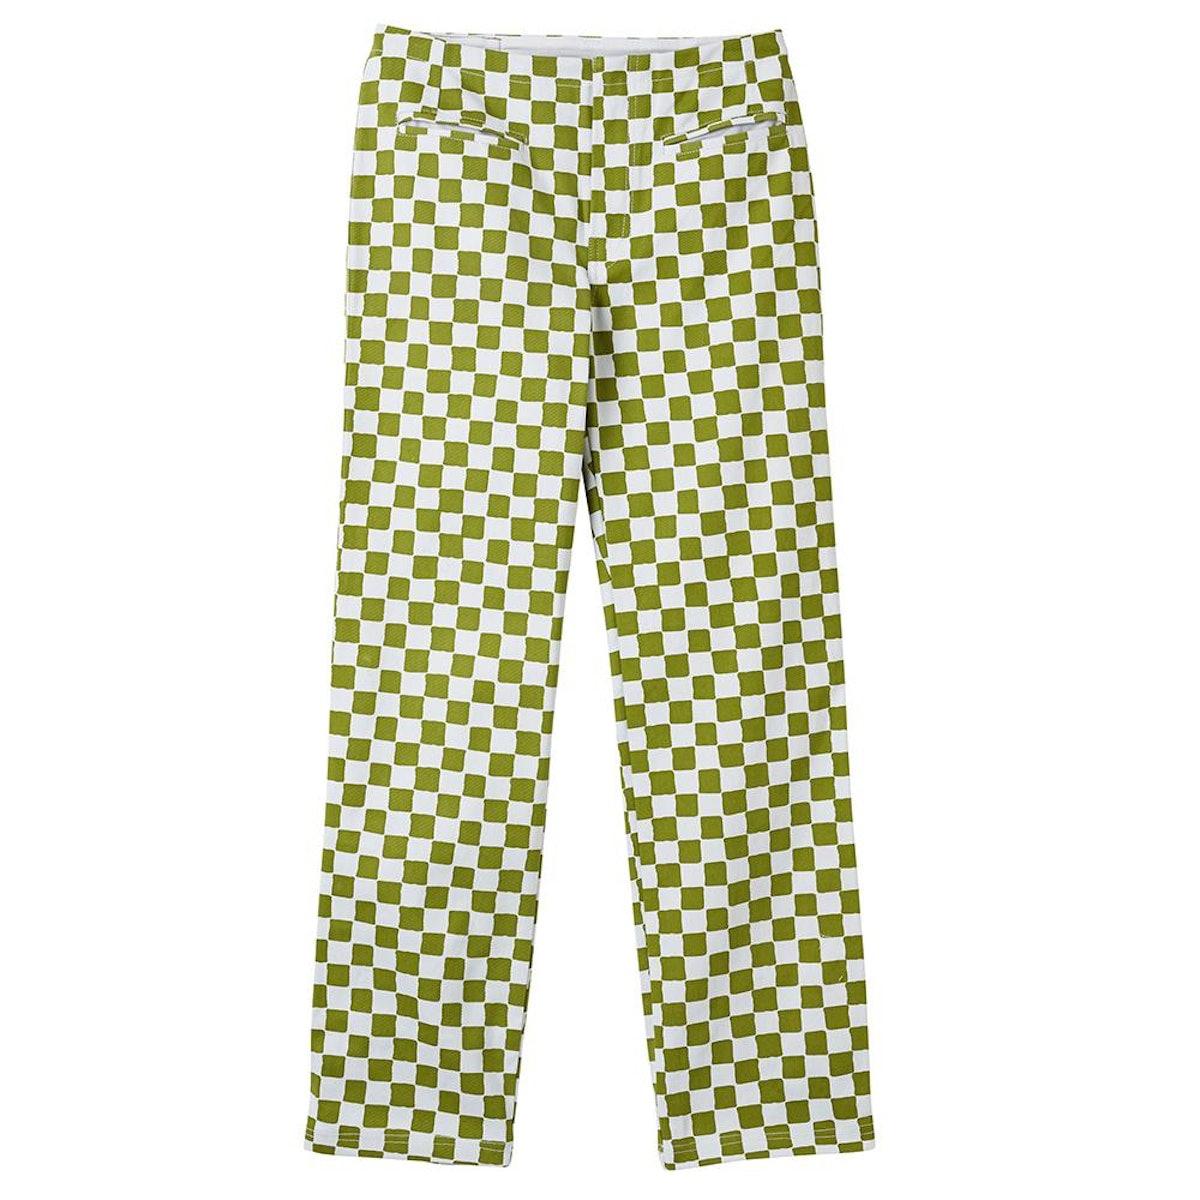 Kokomo Pants Check Olive Green